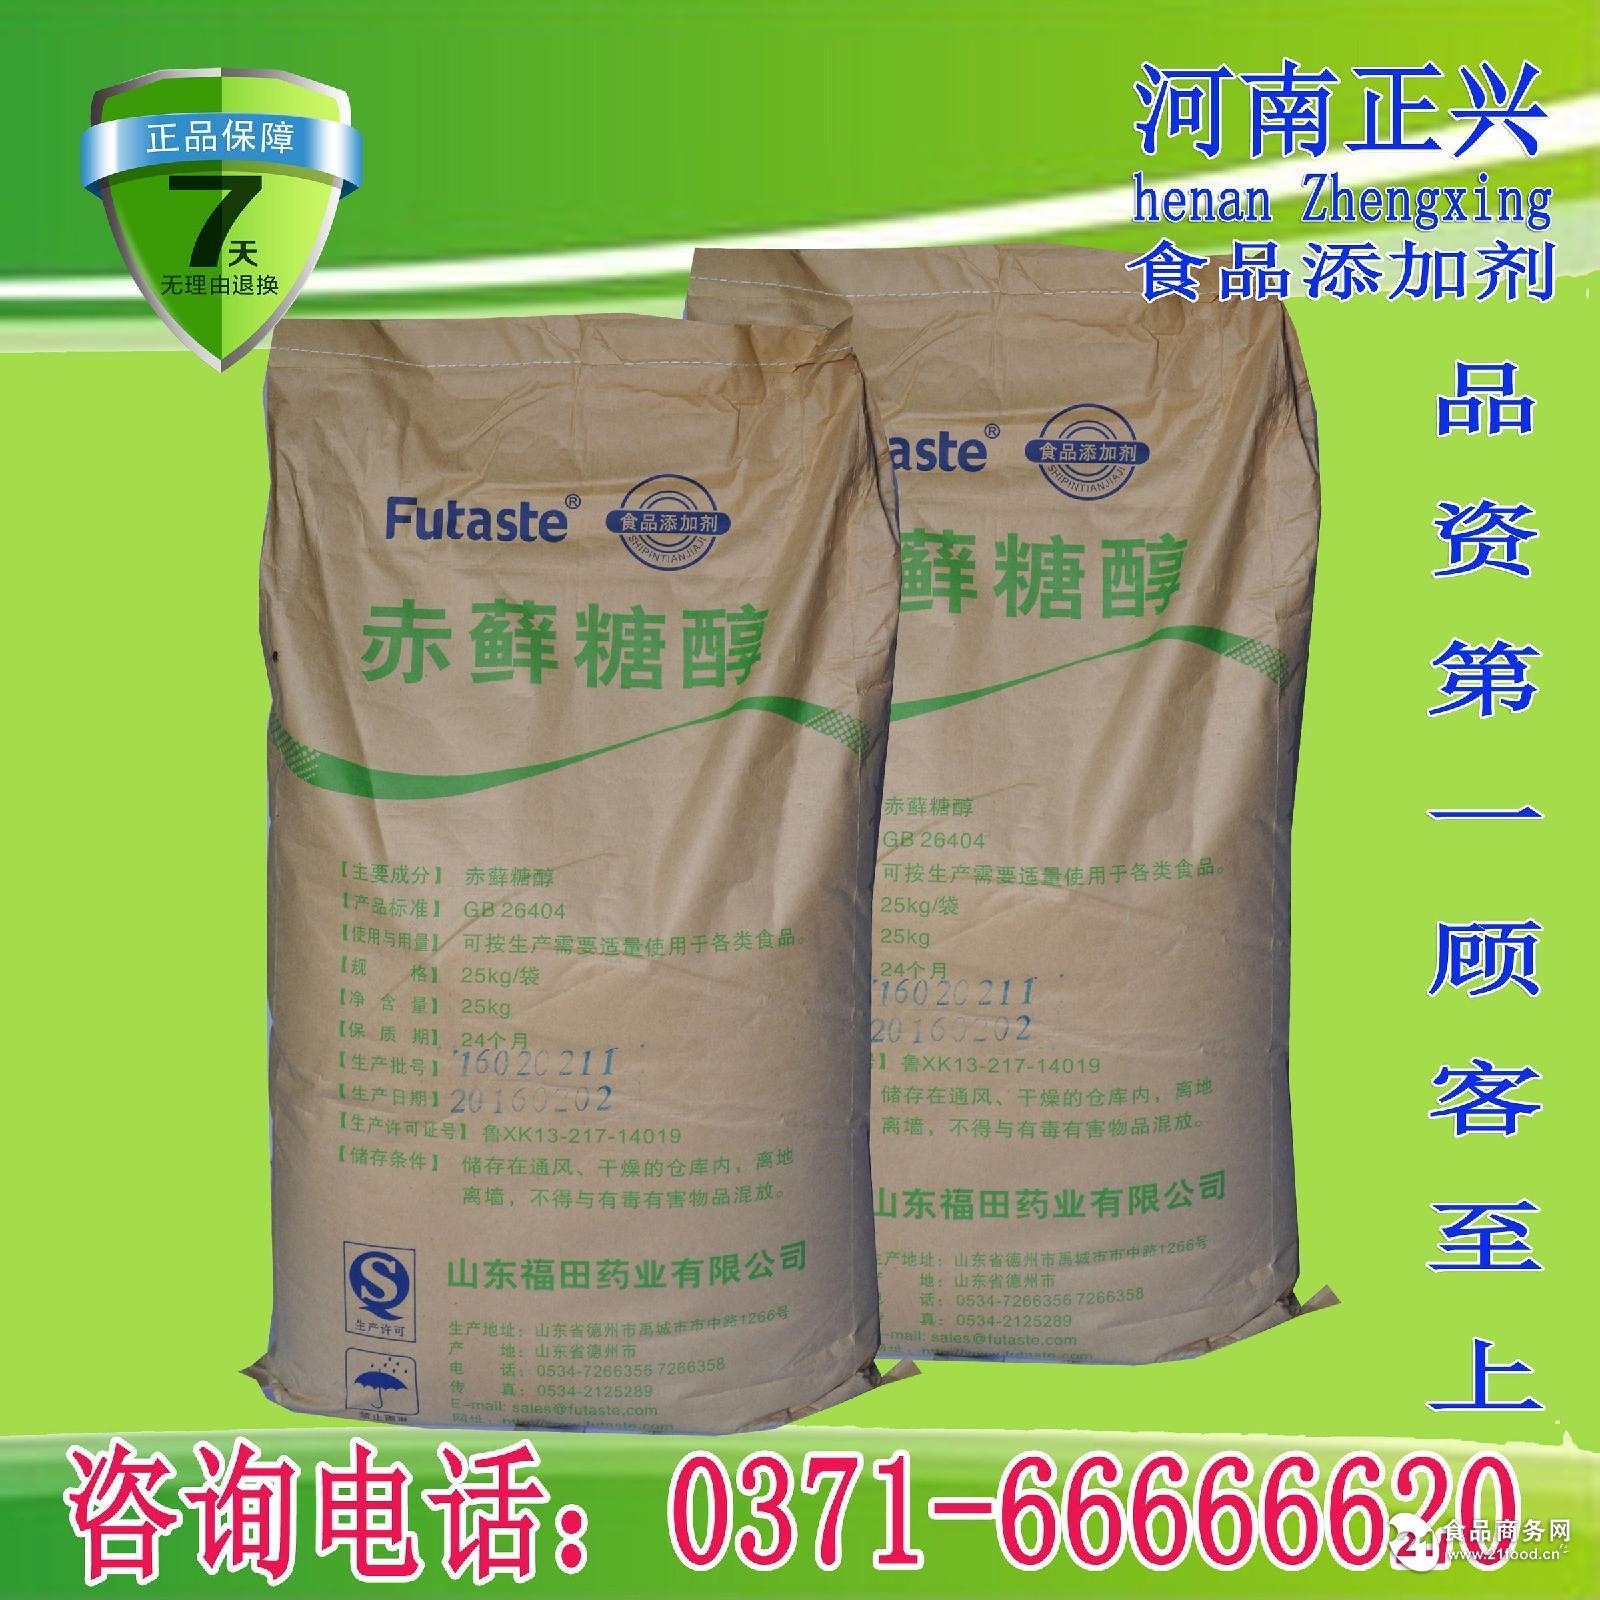 赤藓糖醇 99% 质量保证